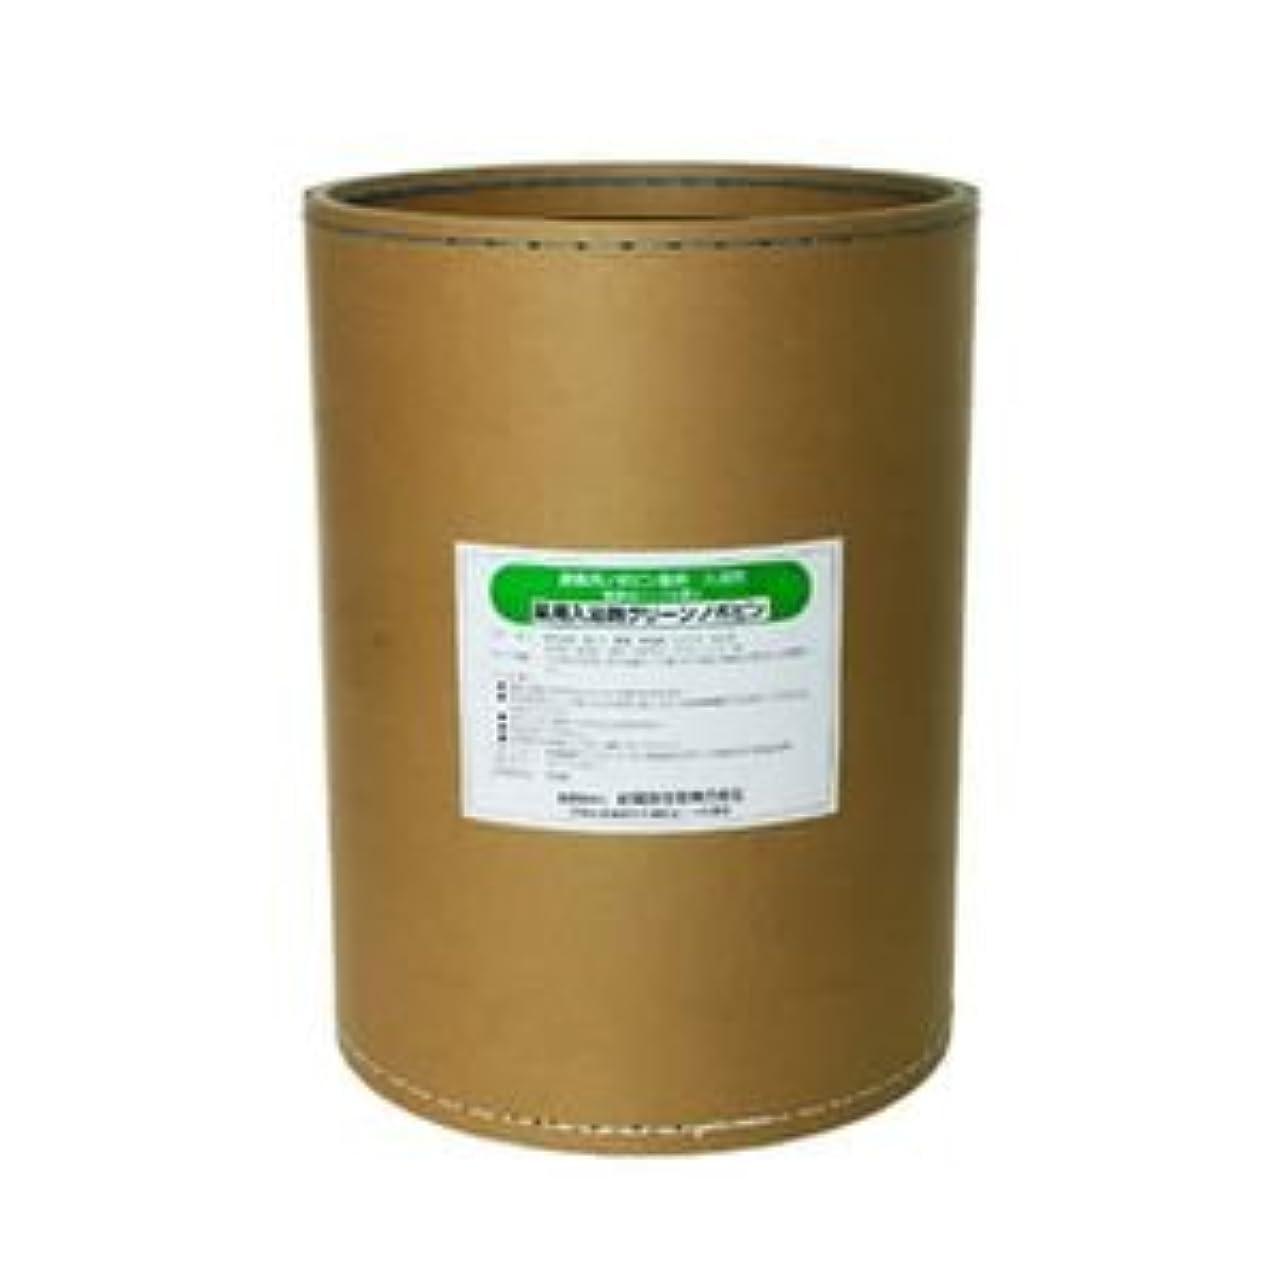 苦ほぼなかなか業務用入浴剤 グリーンノボピン 18kg